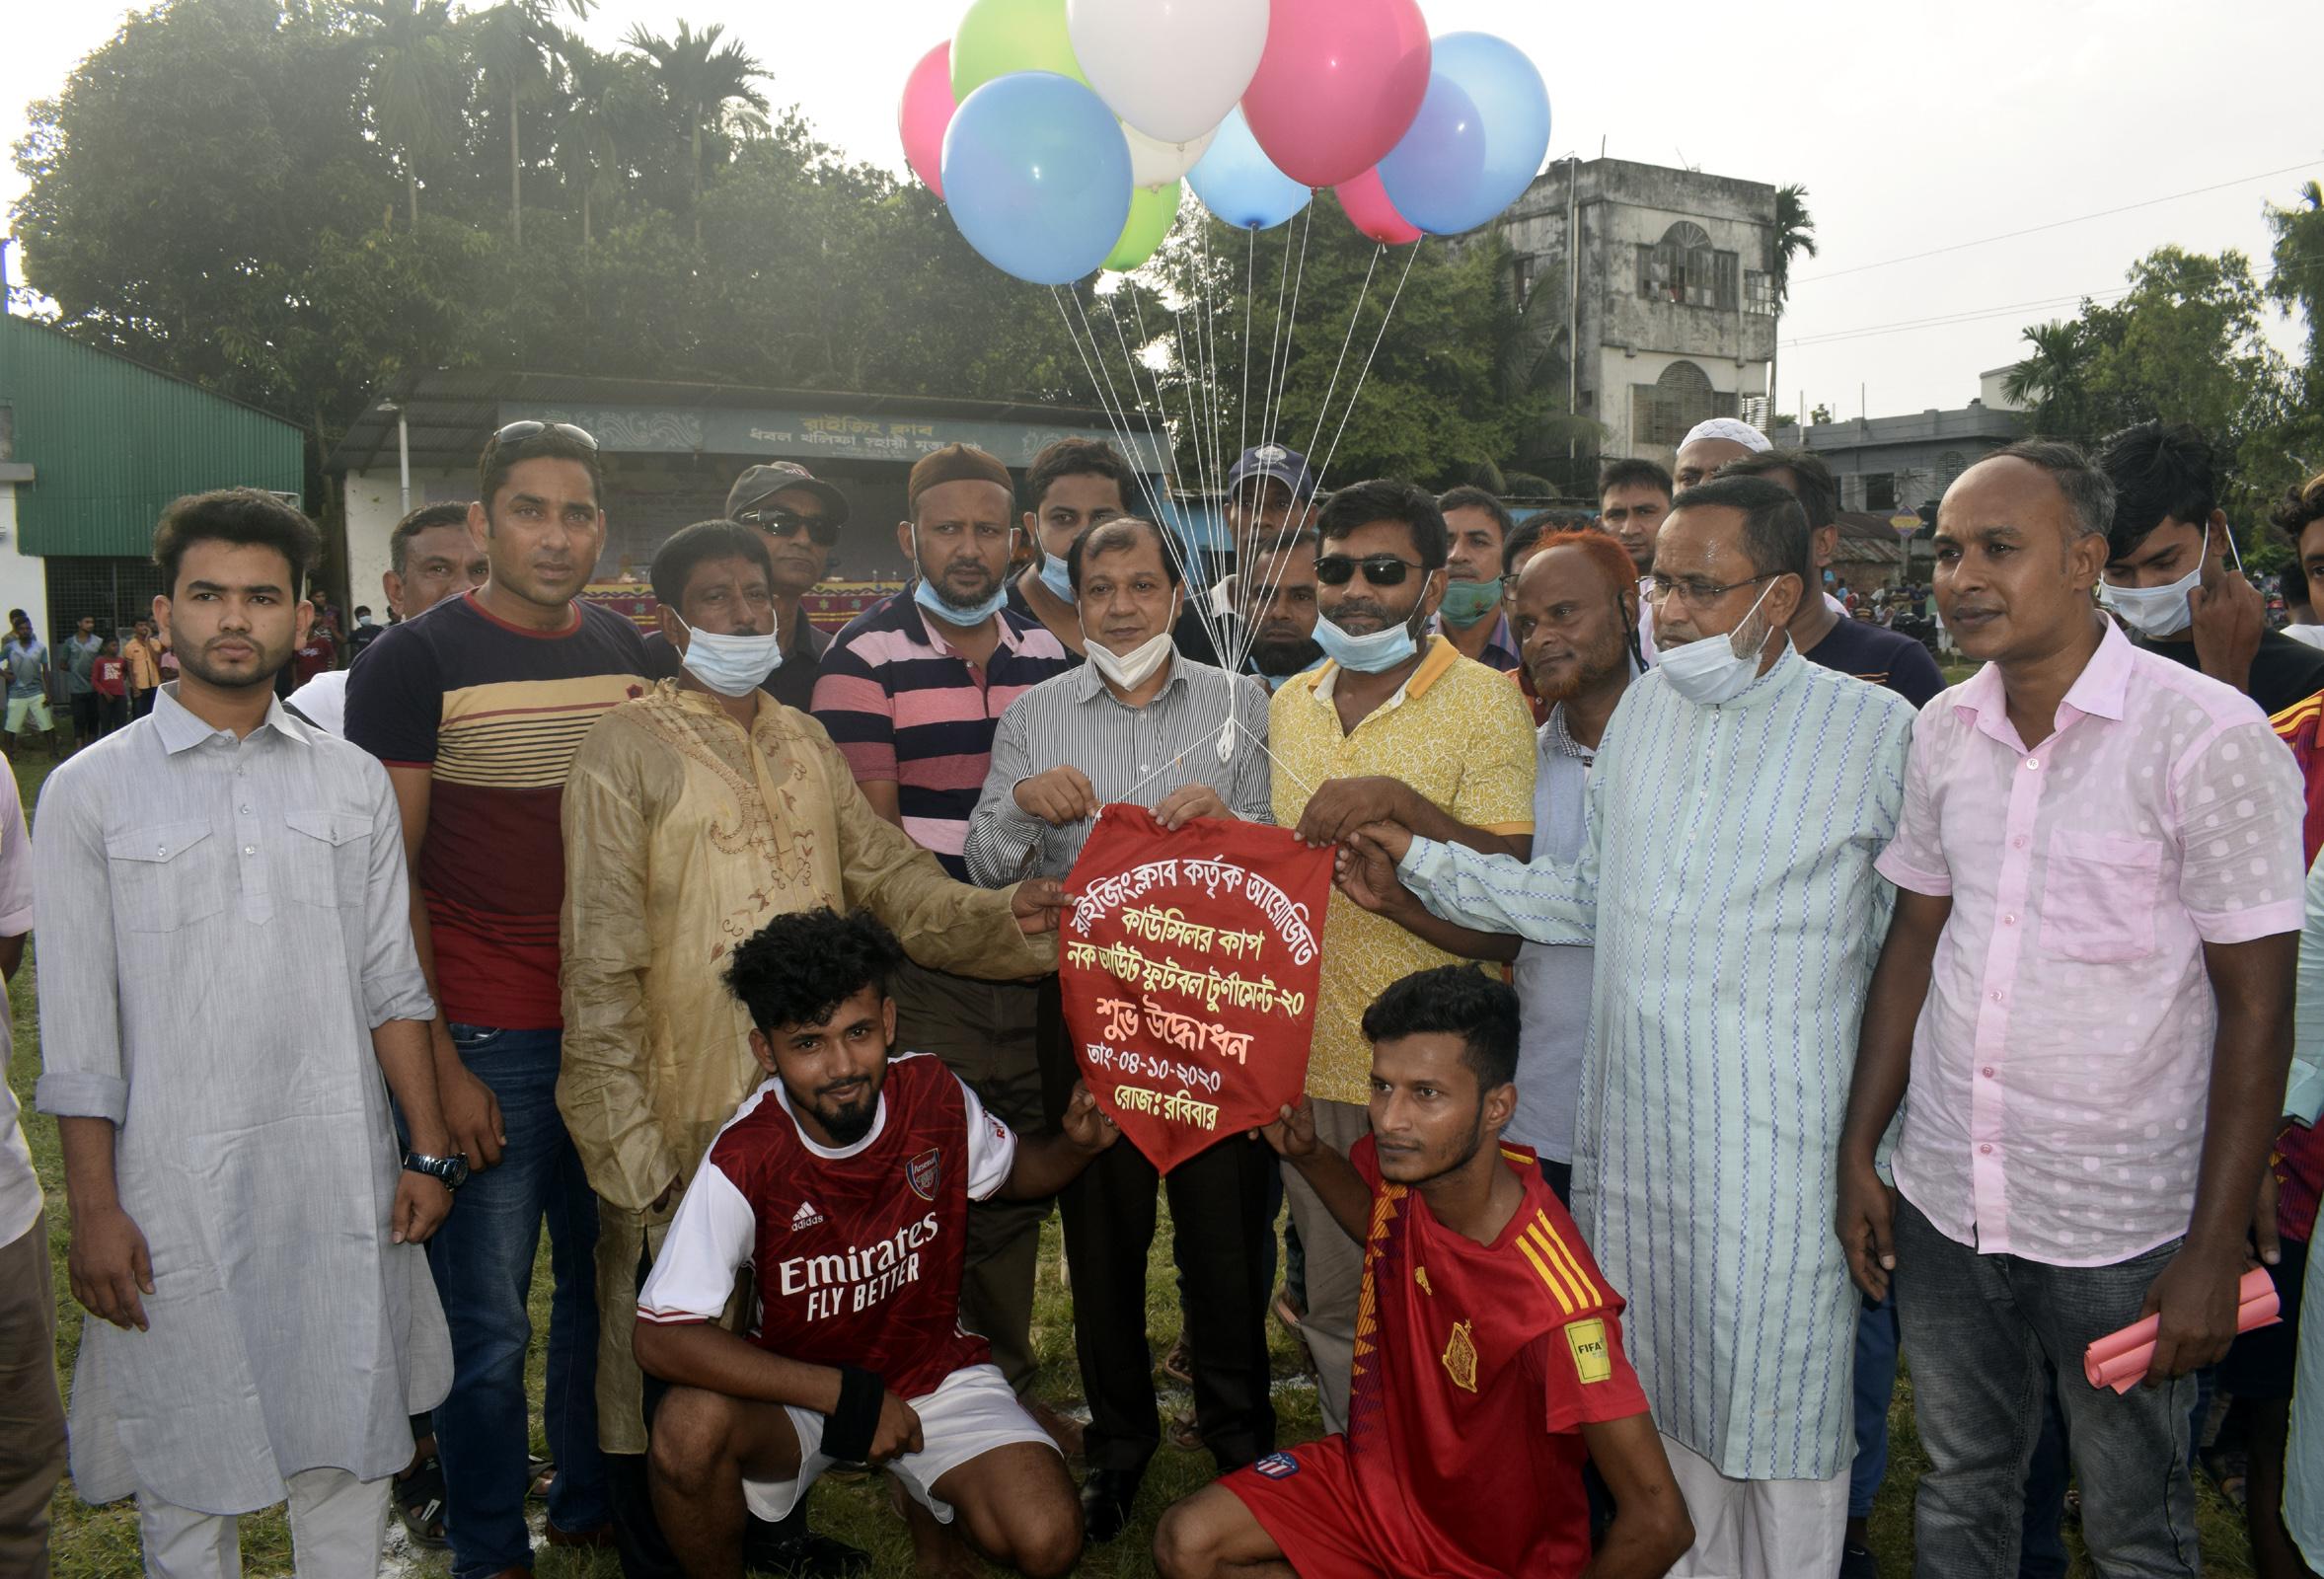 বগুড়ায় বৃন্দাবনপাড়া রাইজিং ক্লাবের আয়োজনে কাউন্সিলর কাপ ফুটবল টুর্নামেন্ট উদ্বোধন